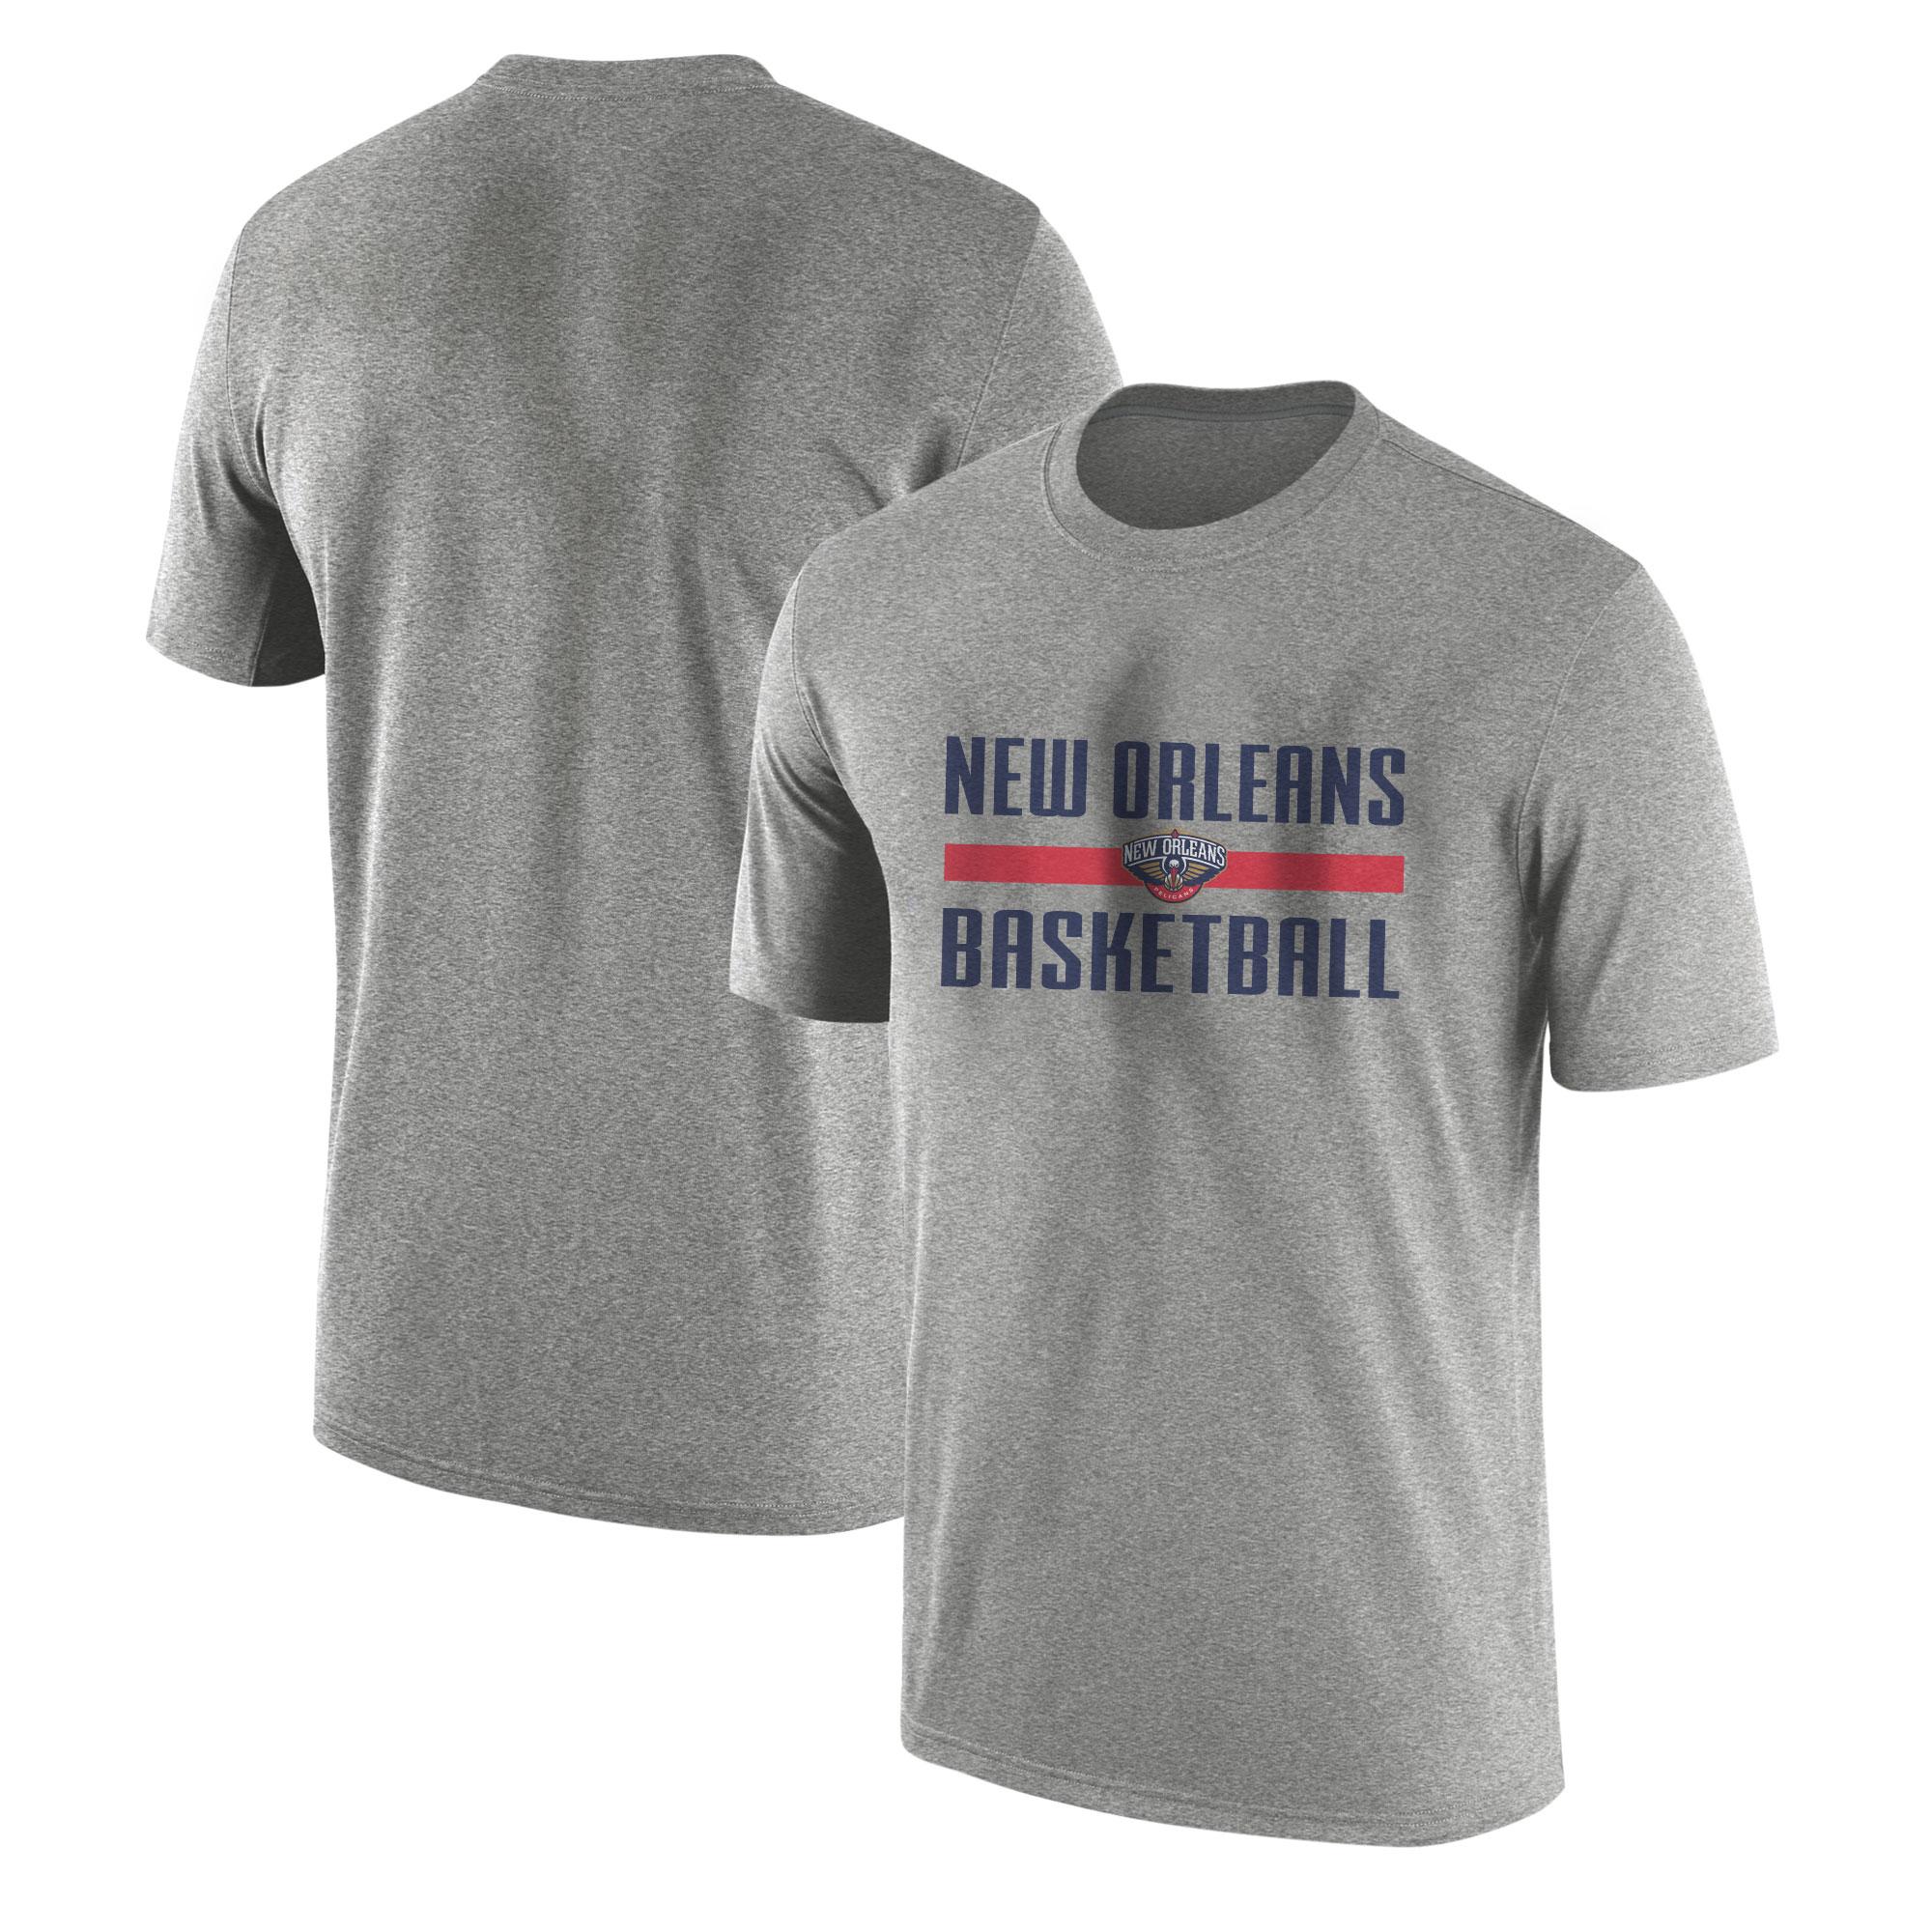 New Orleans Basketball Tshirt (TSH-GRY-NP-orlns.bsktbll-530)